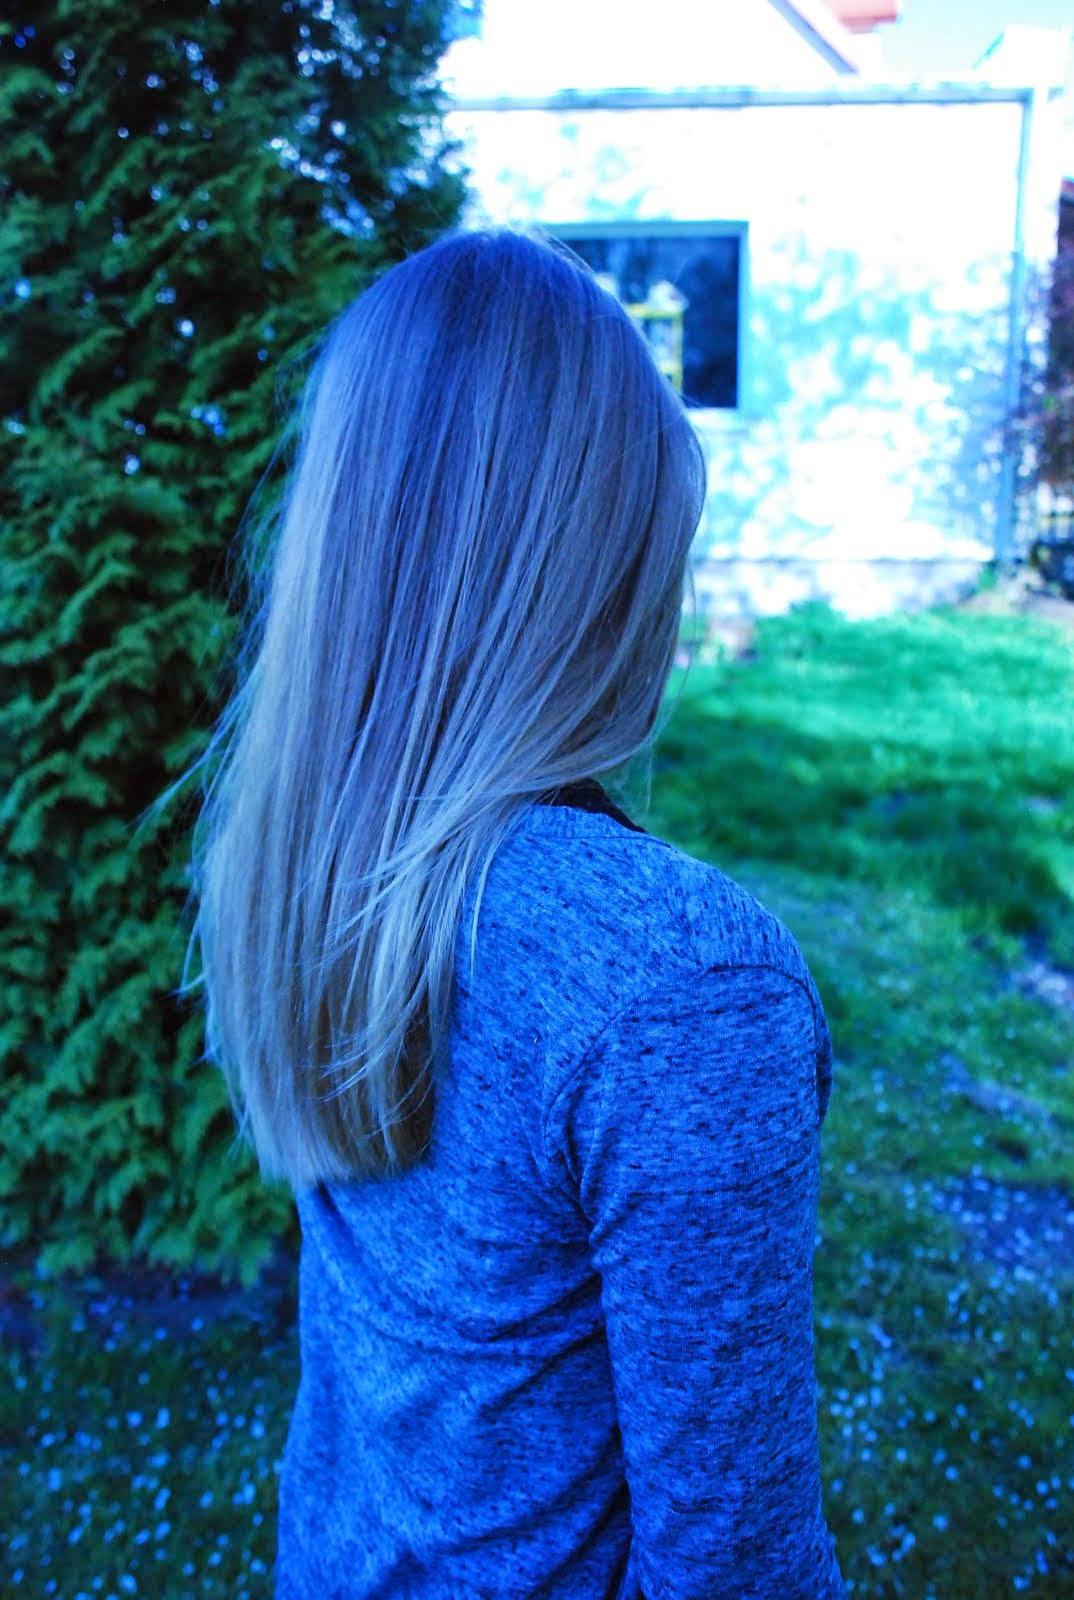 blondynkowe